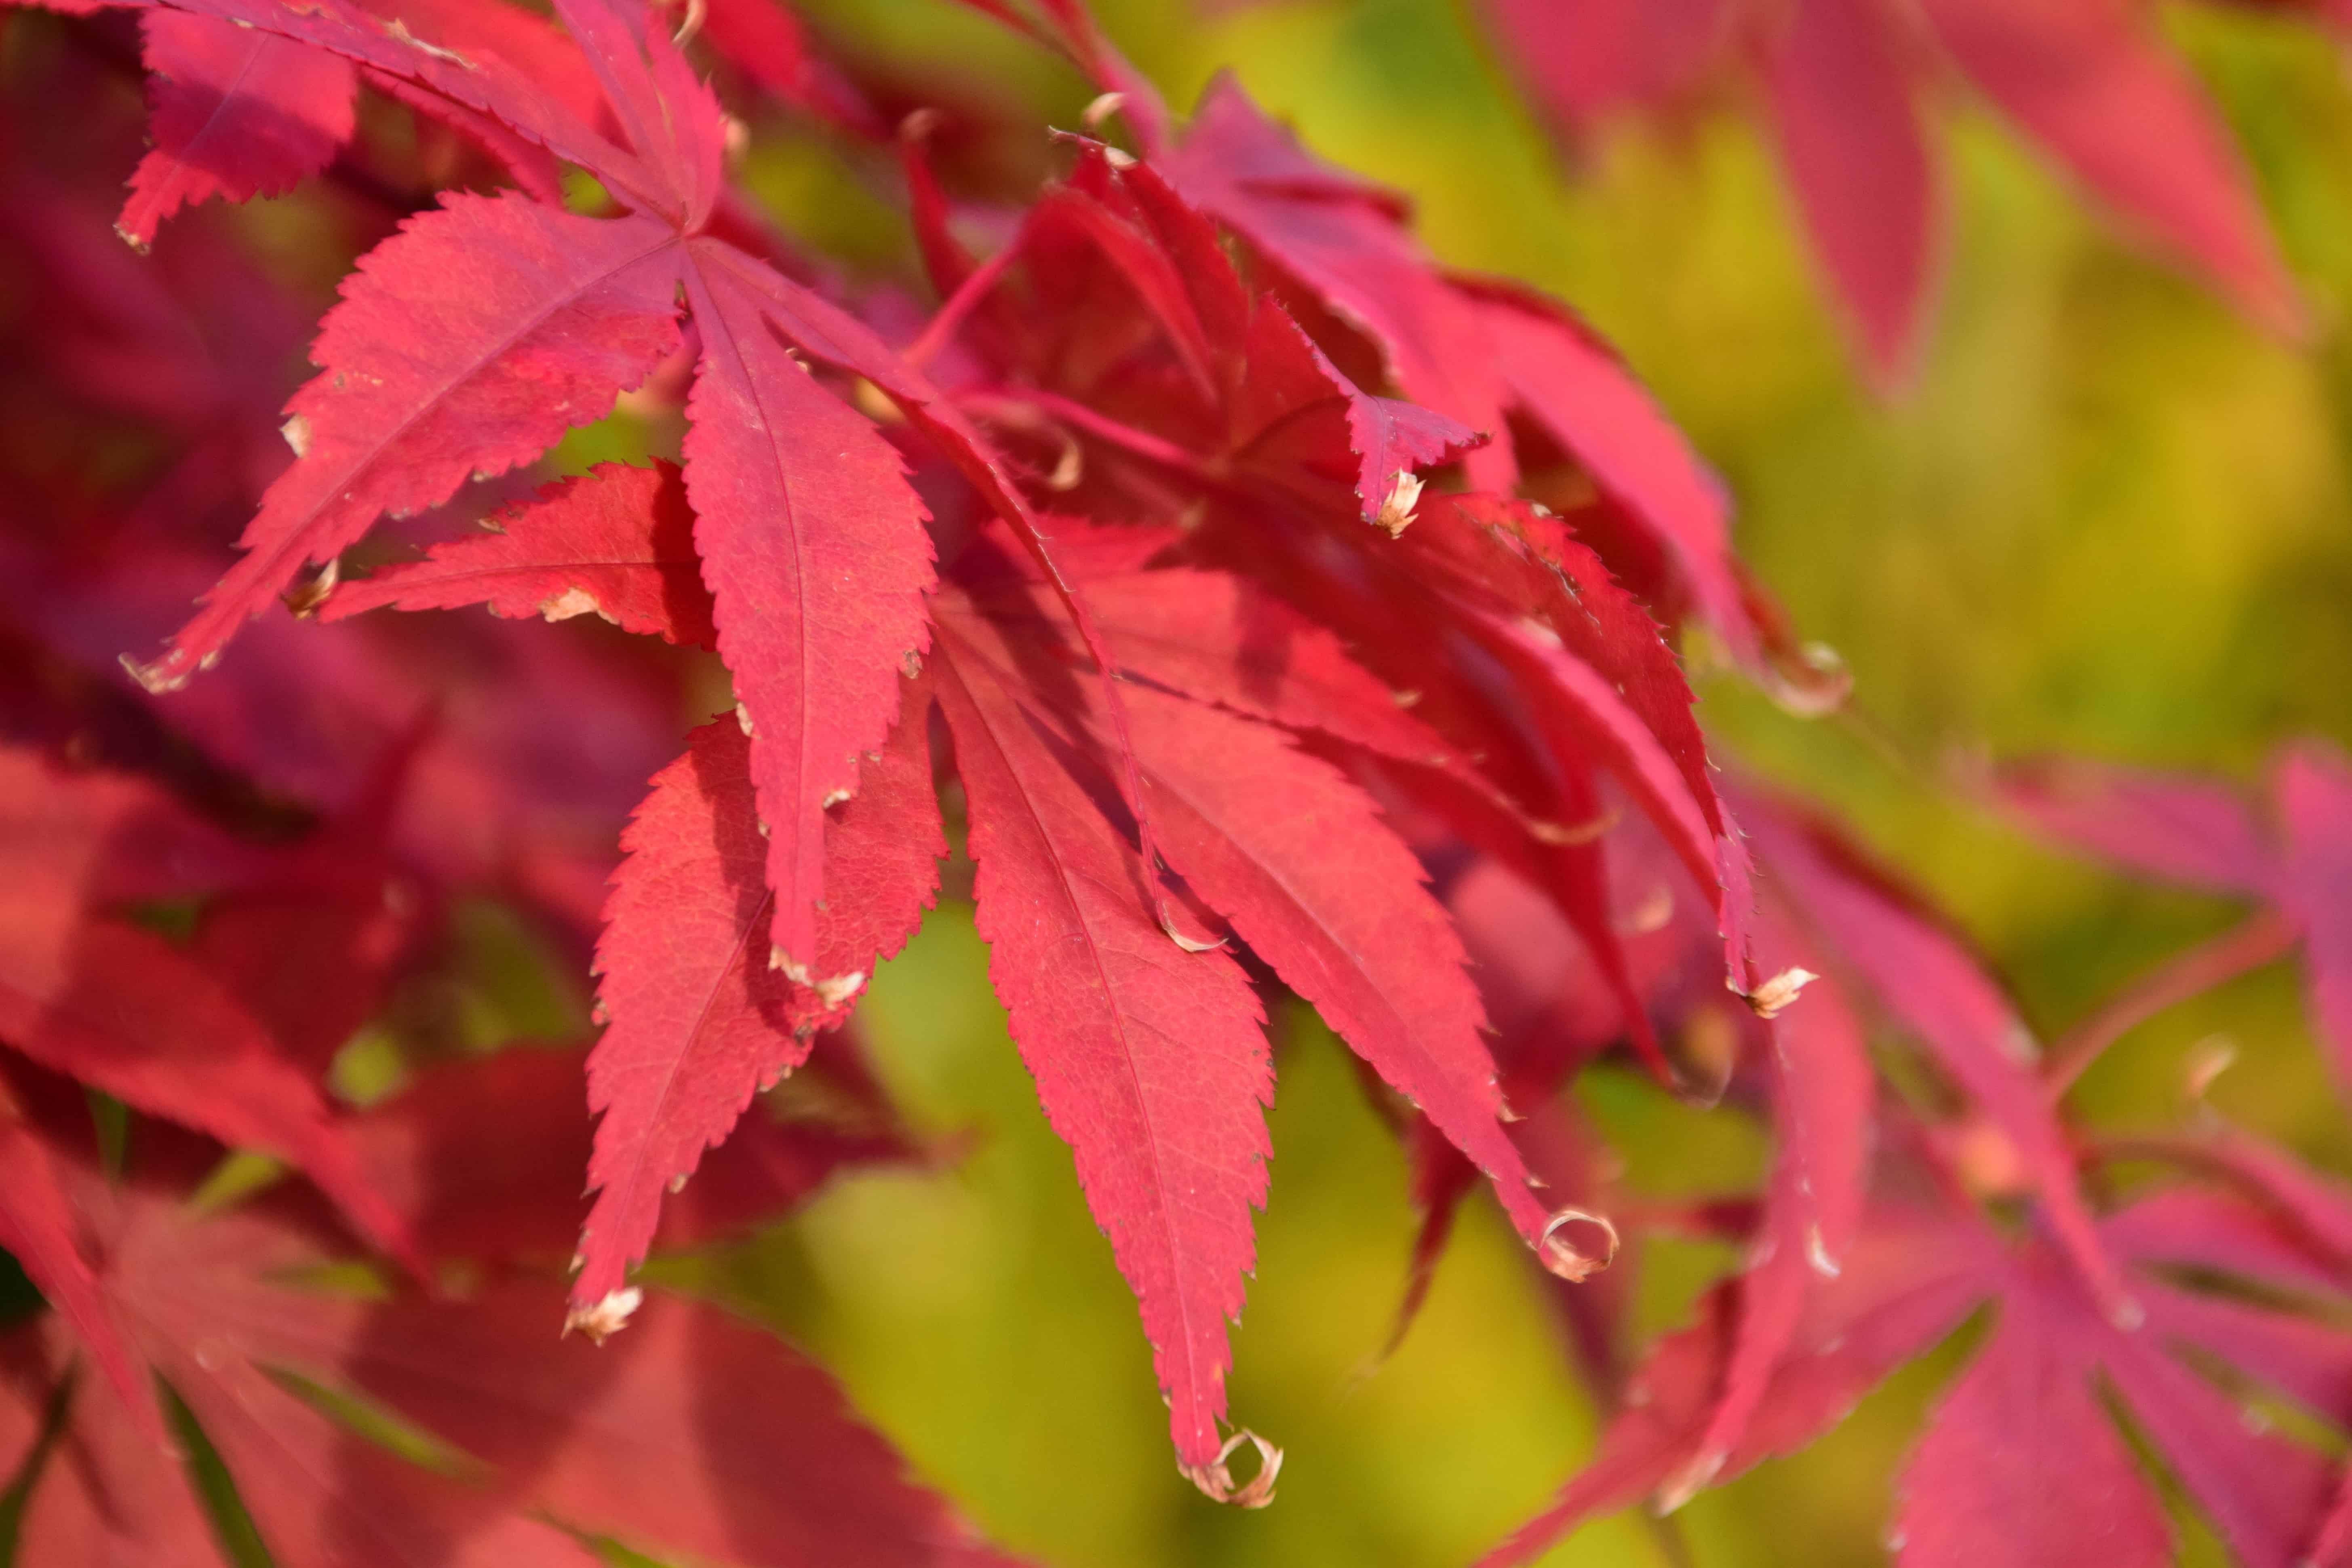 image libre: feuille rouge, nature, flore, automne, plante, arbre